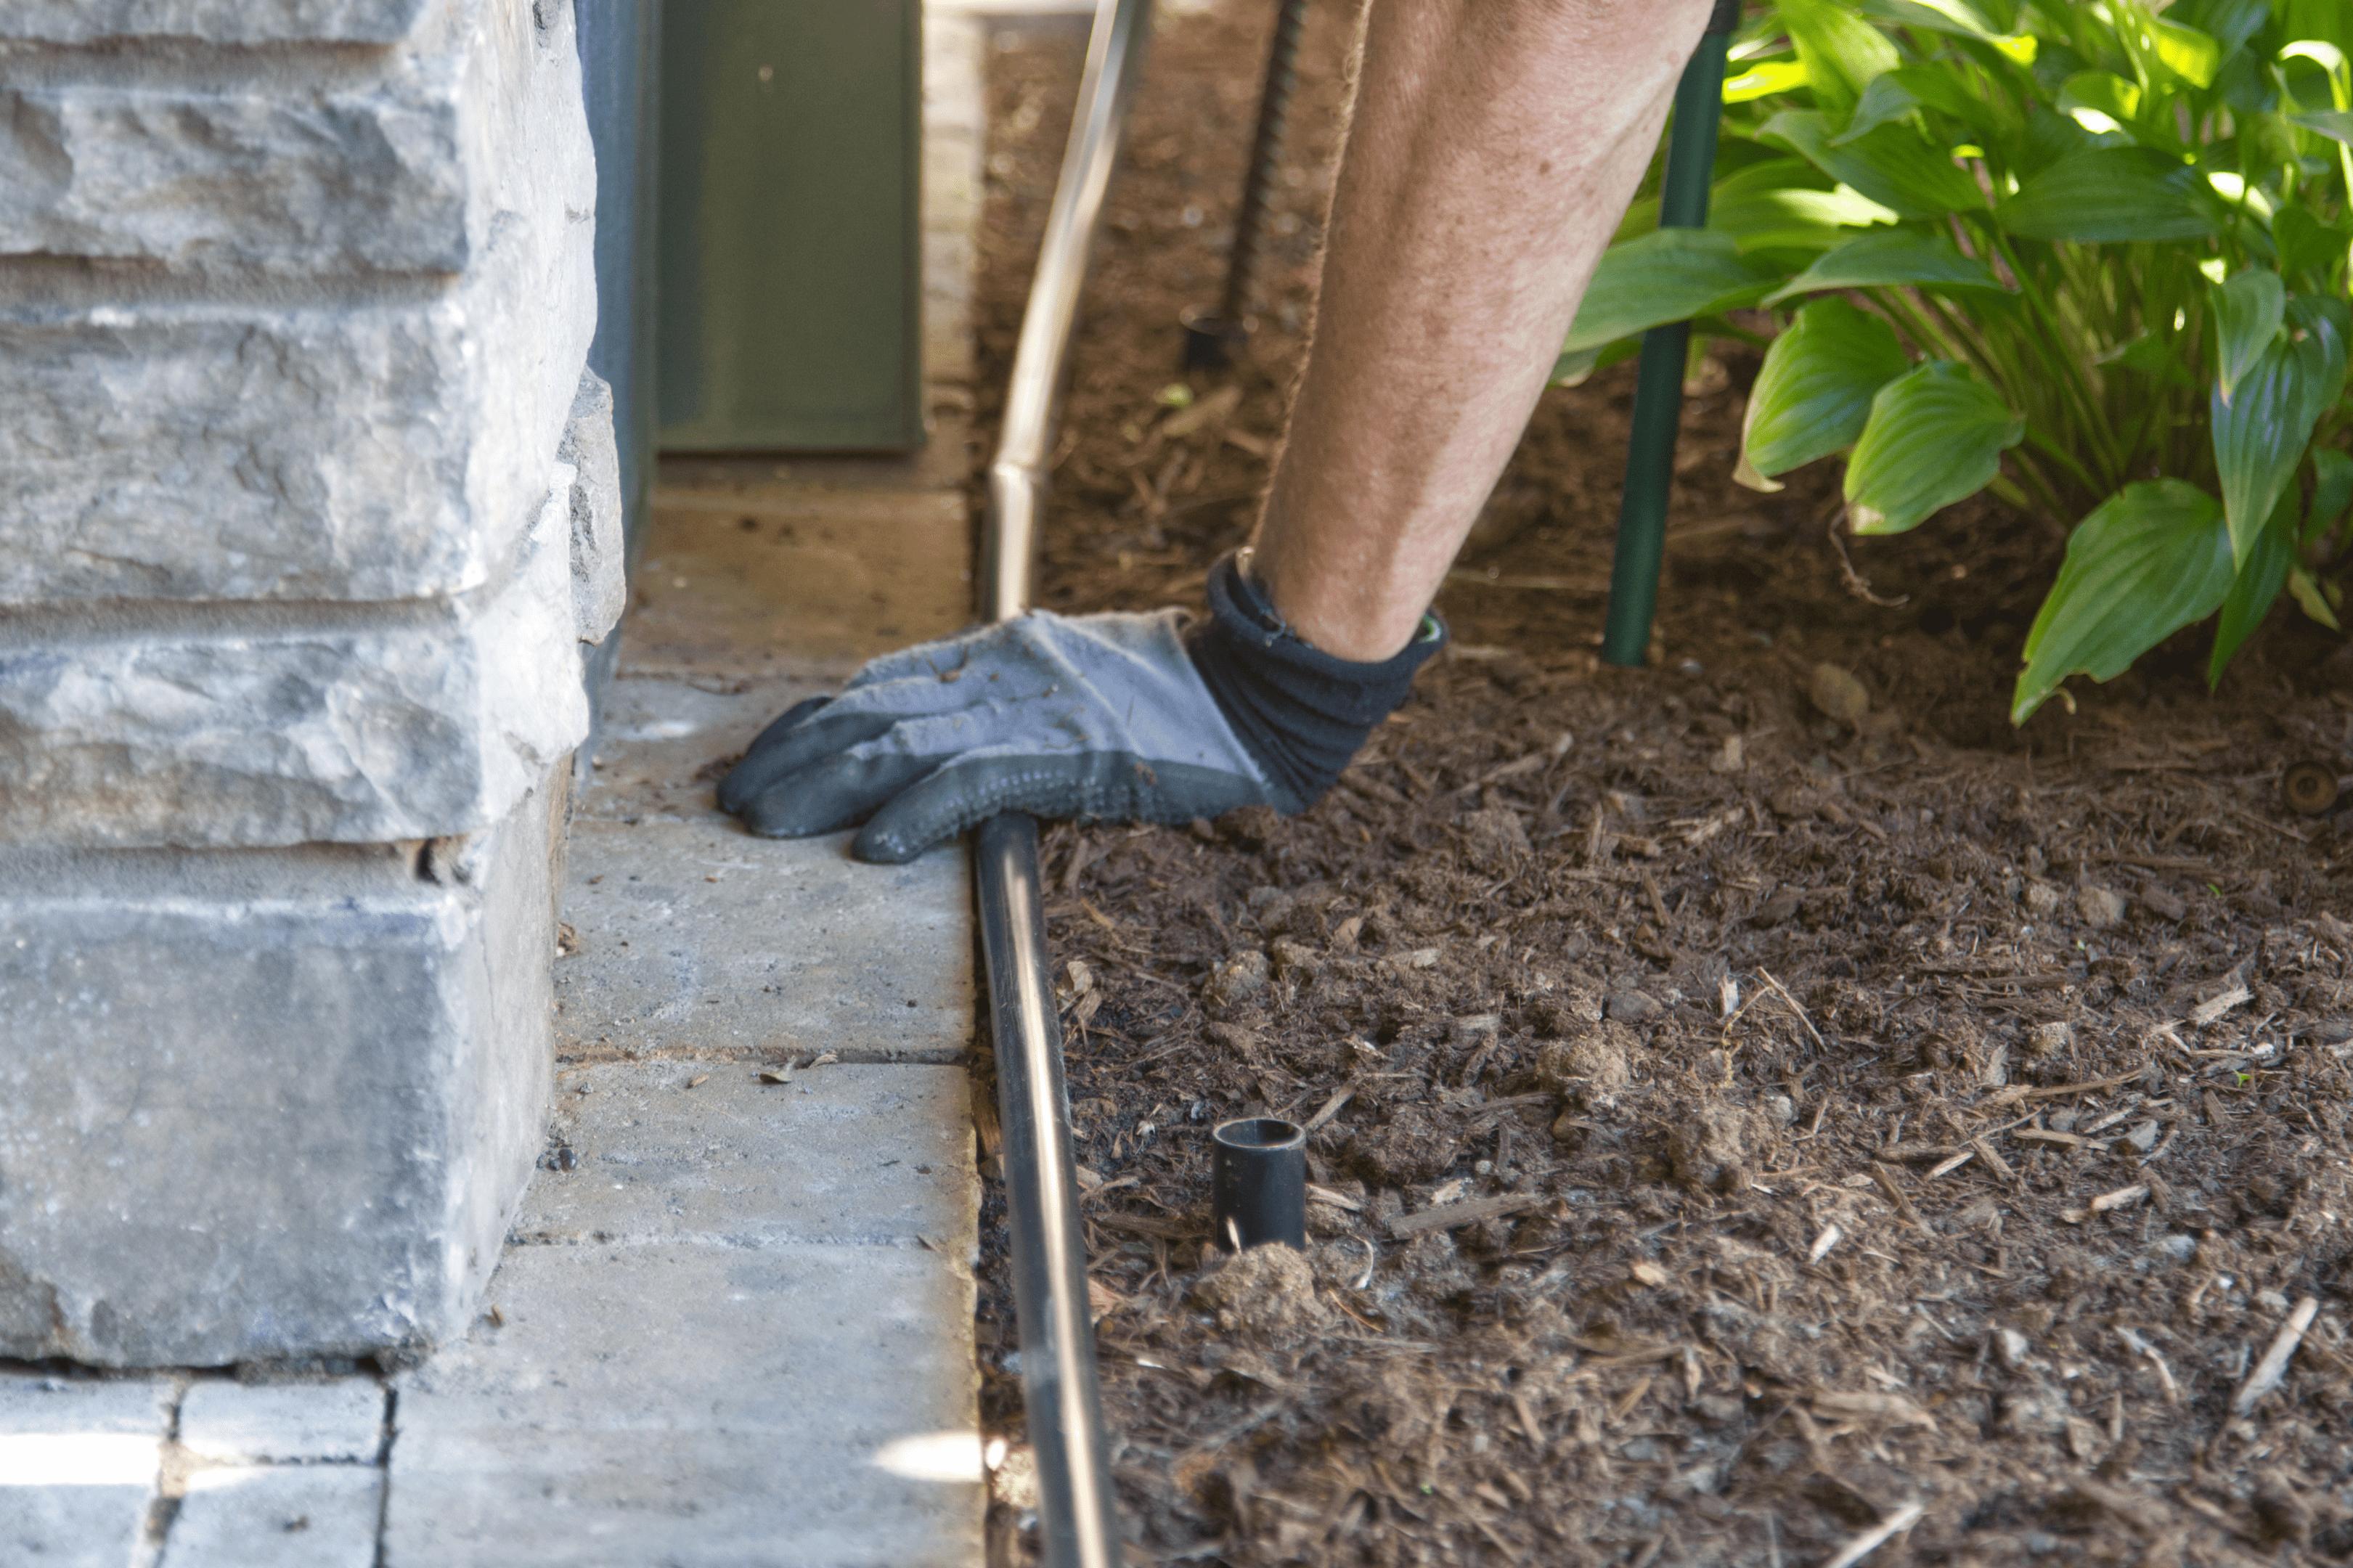 hands in gardening gloves place hose around plants in garden